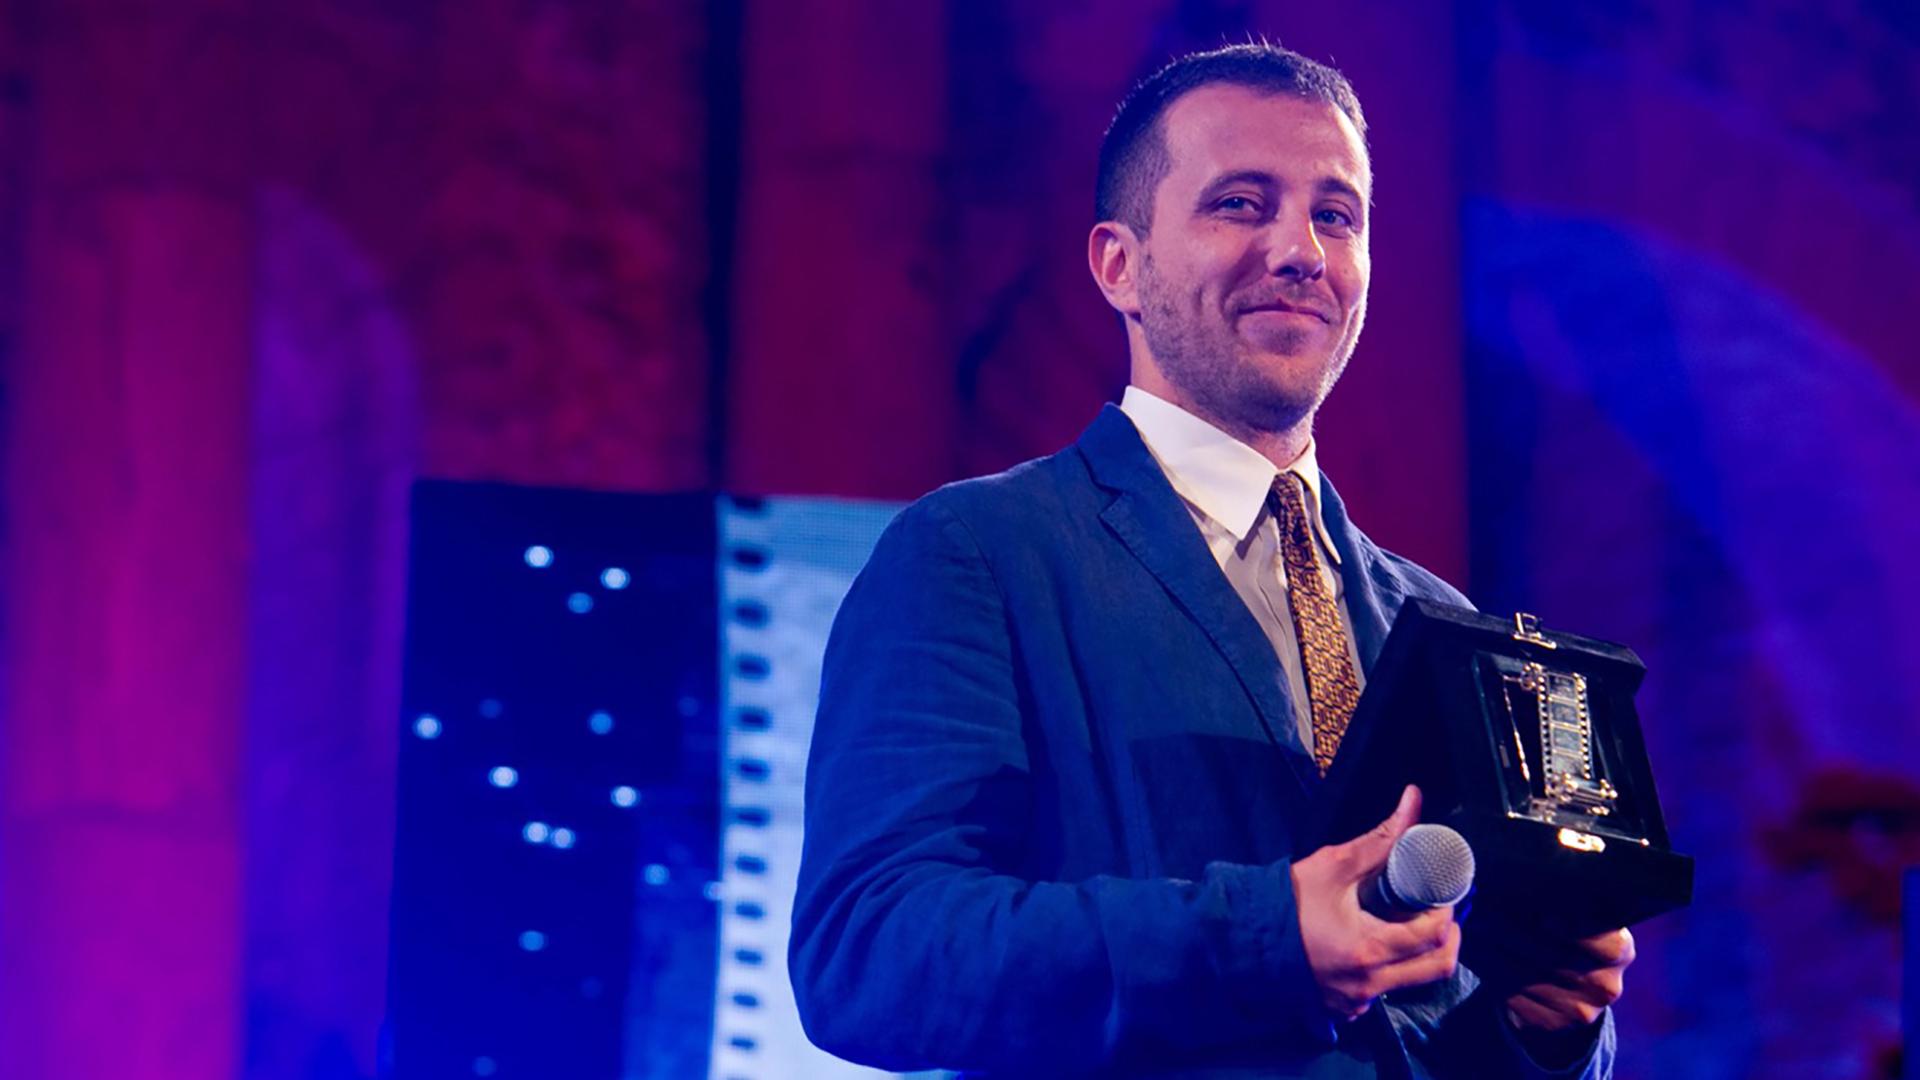 Image for: Andrea De Sica ha vinto il Nastro d'Argento come Miglior Regista Esordiente